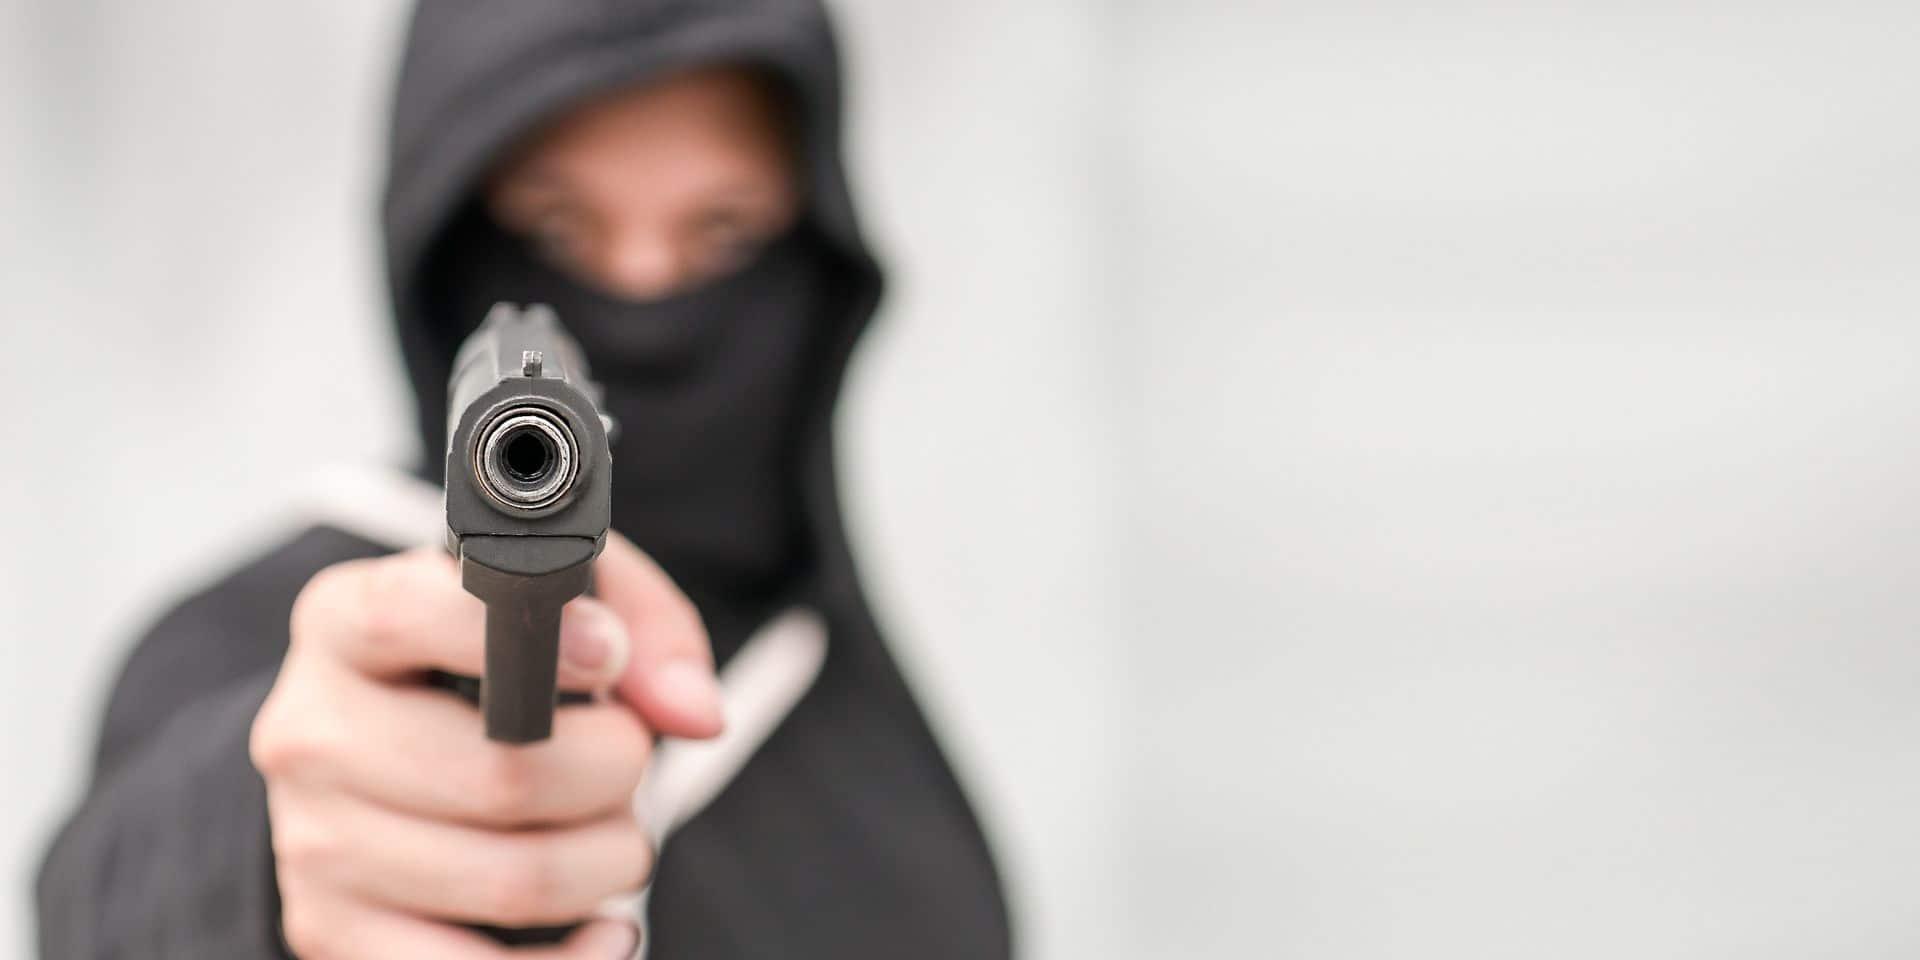 Waterloo : un homme cagoulé menace deux jeunes avec une arme